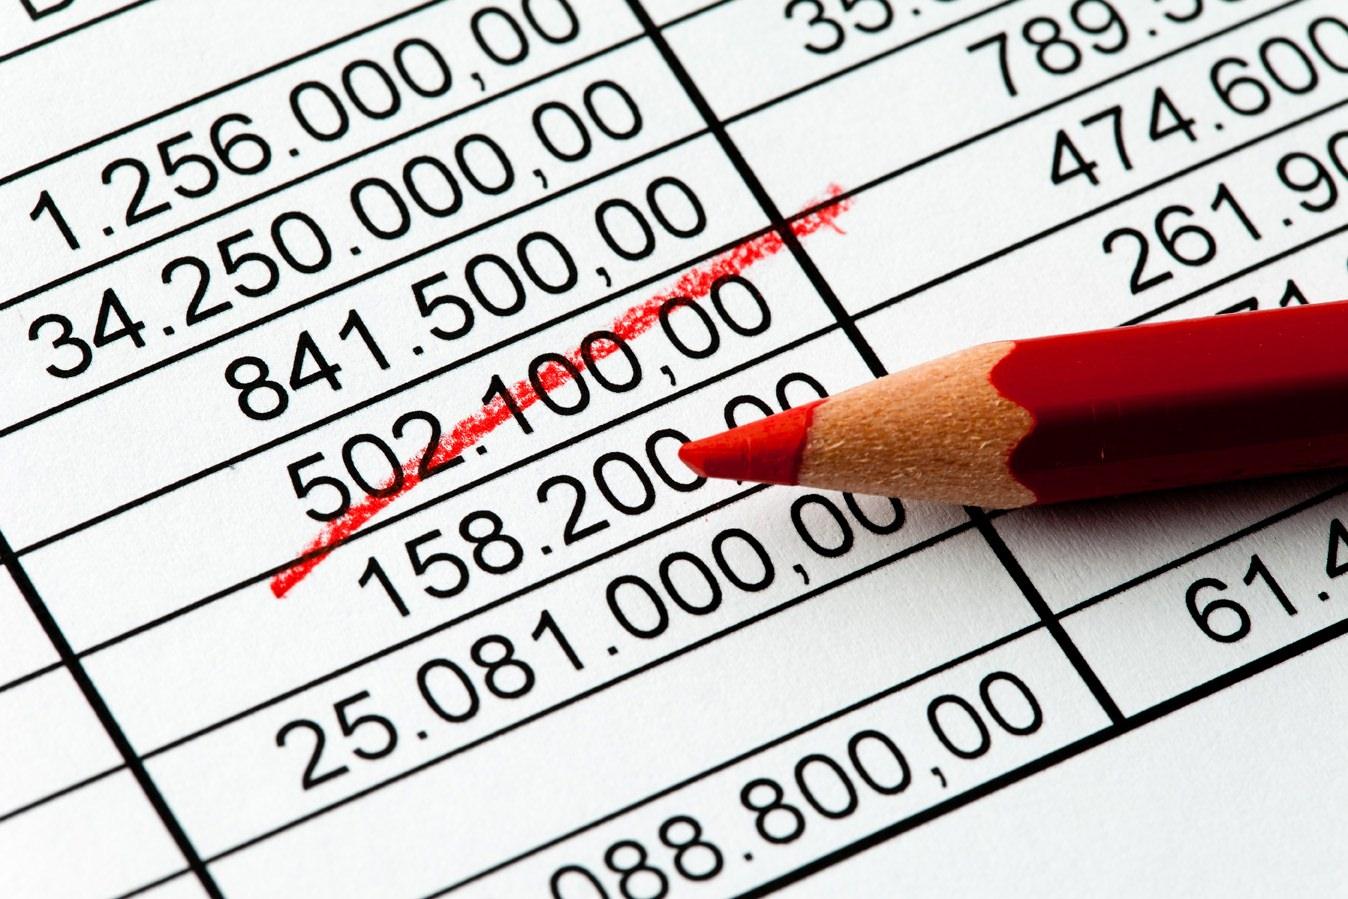 Finanziamenti dei soci